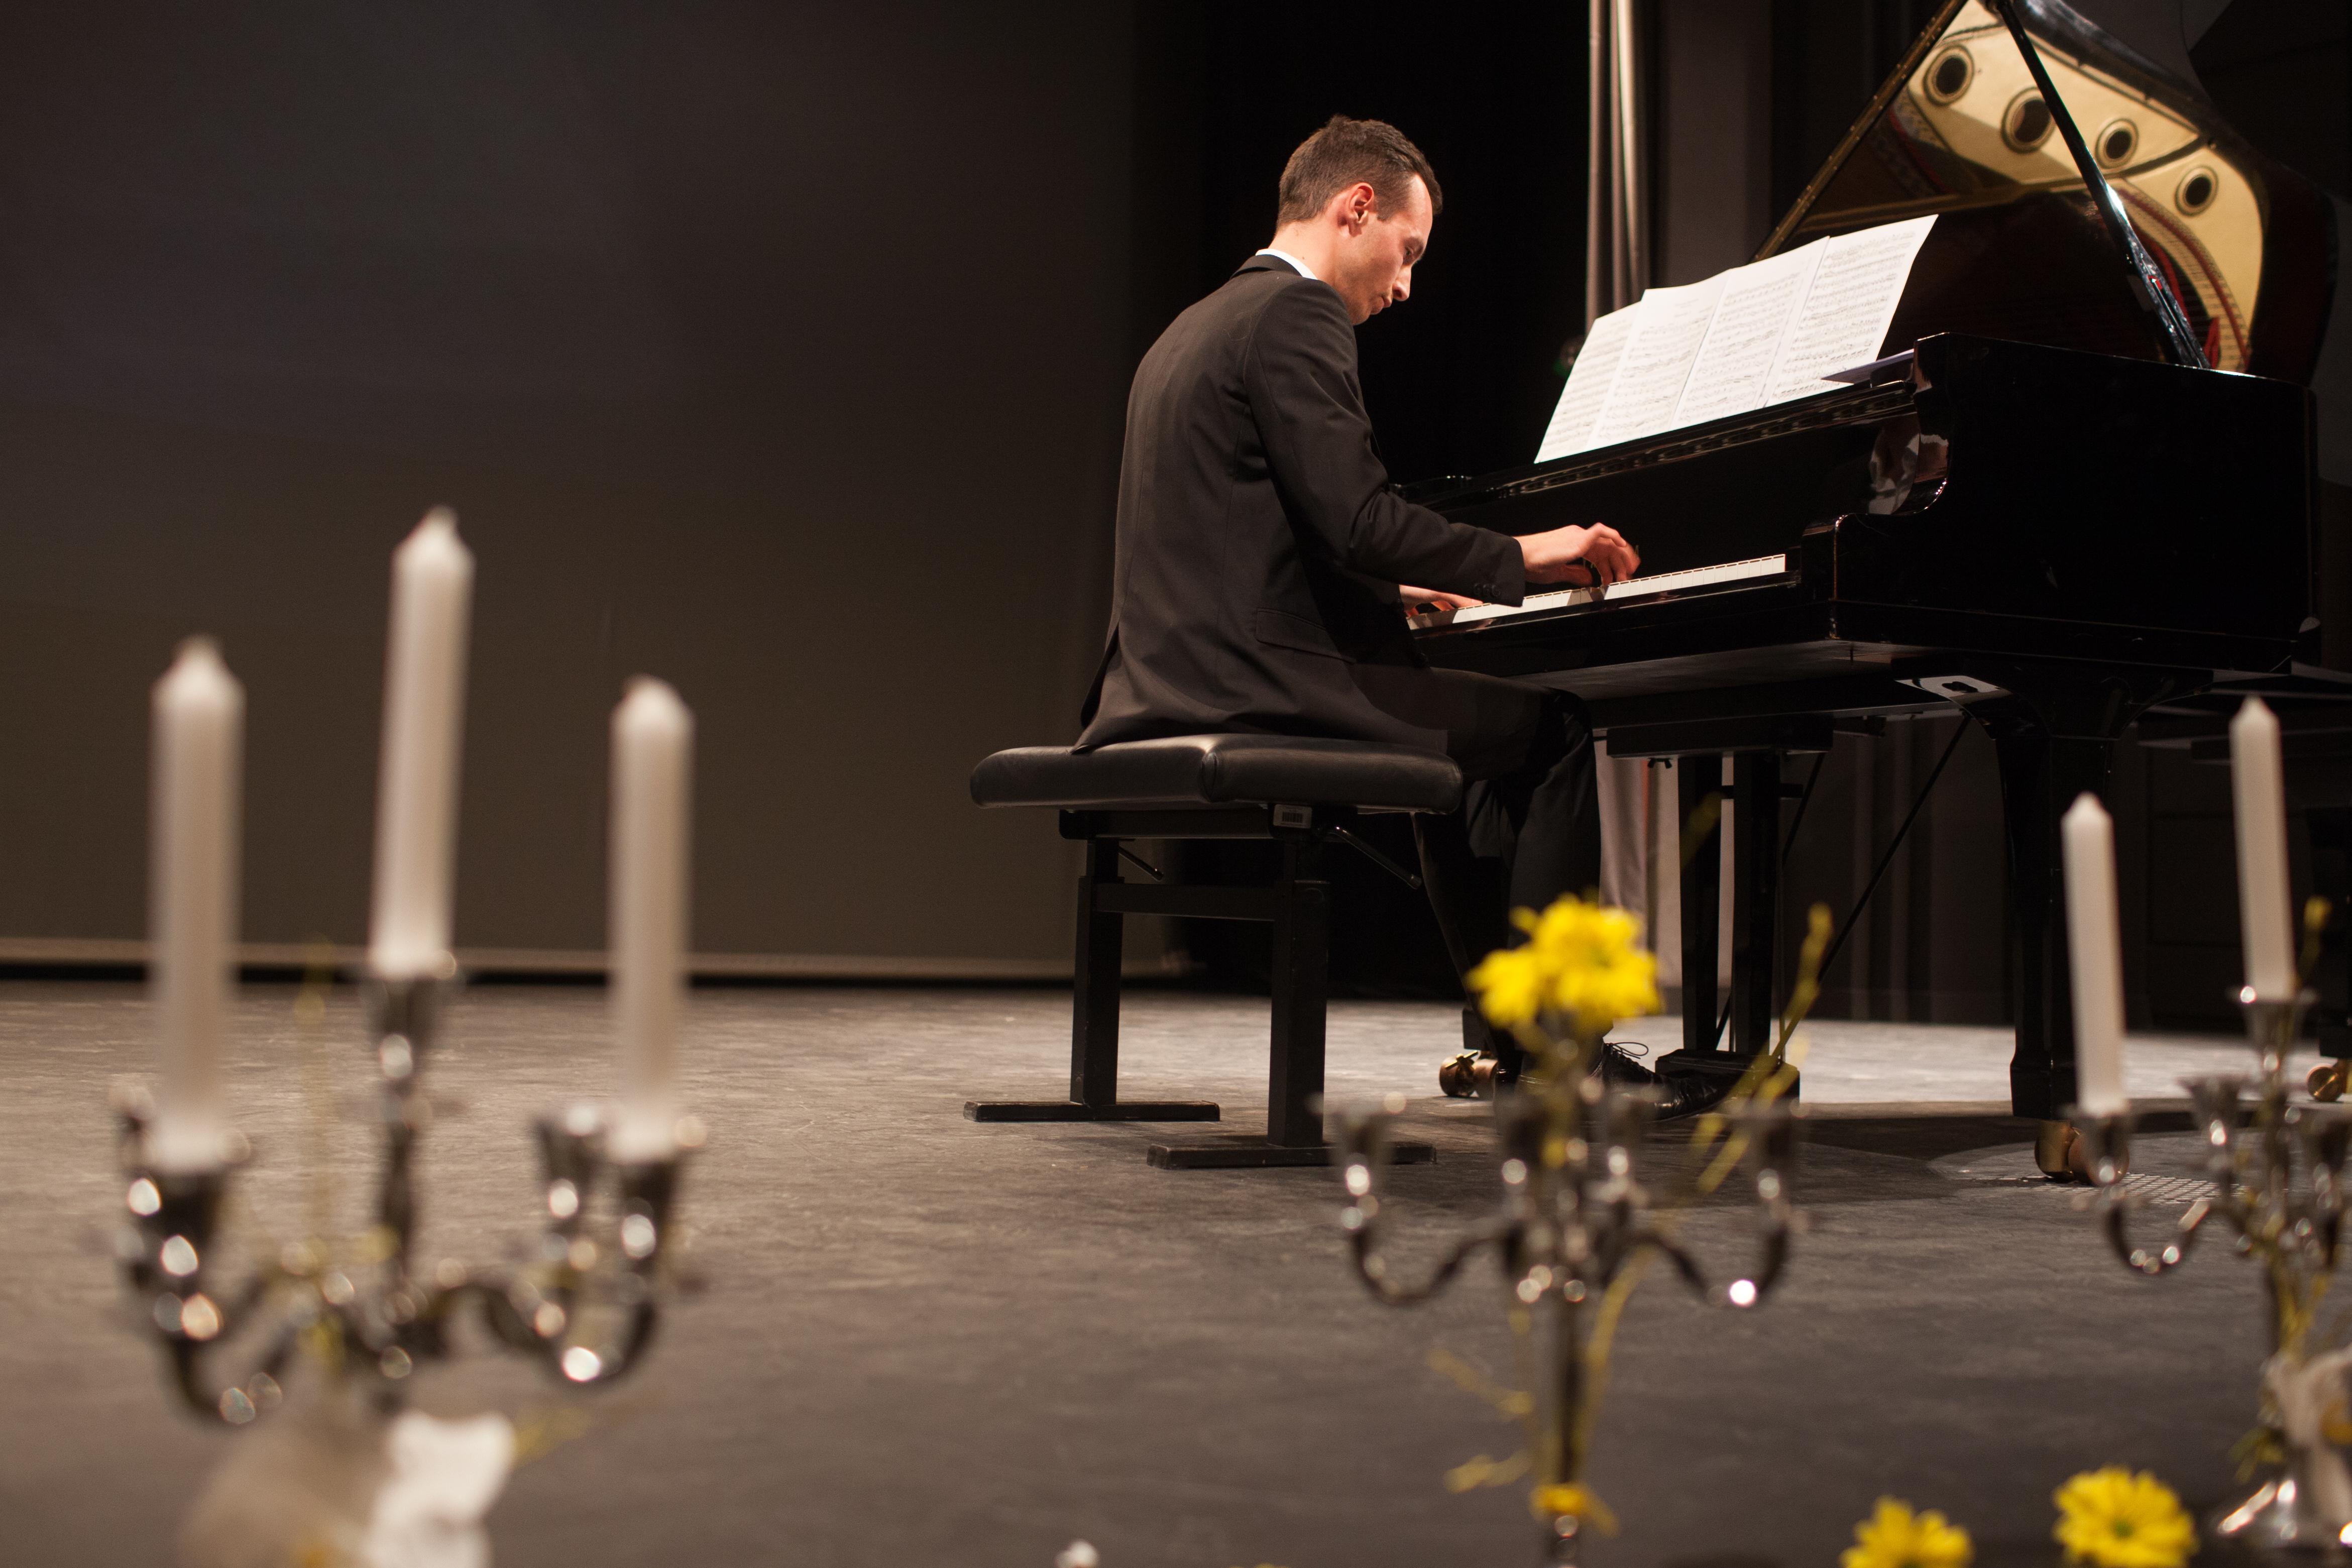 fotonemec_gsd_pianisti-36